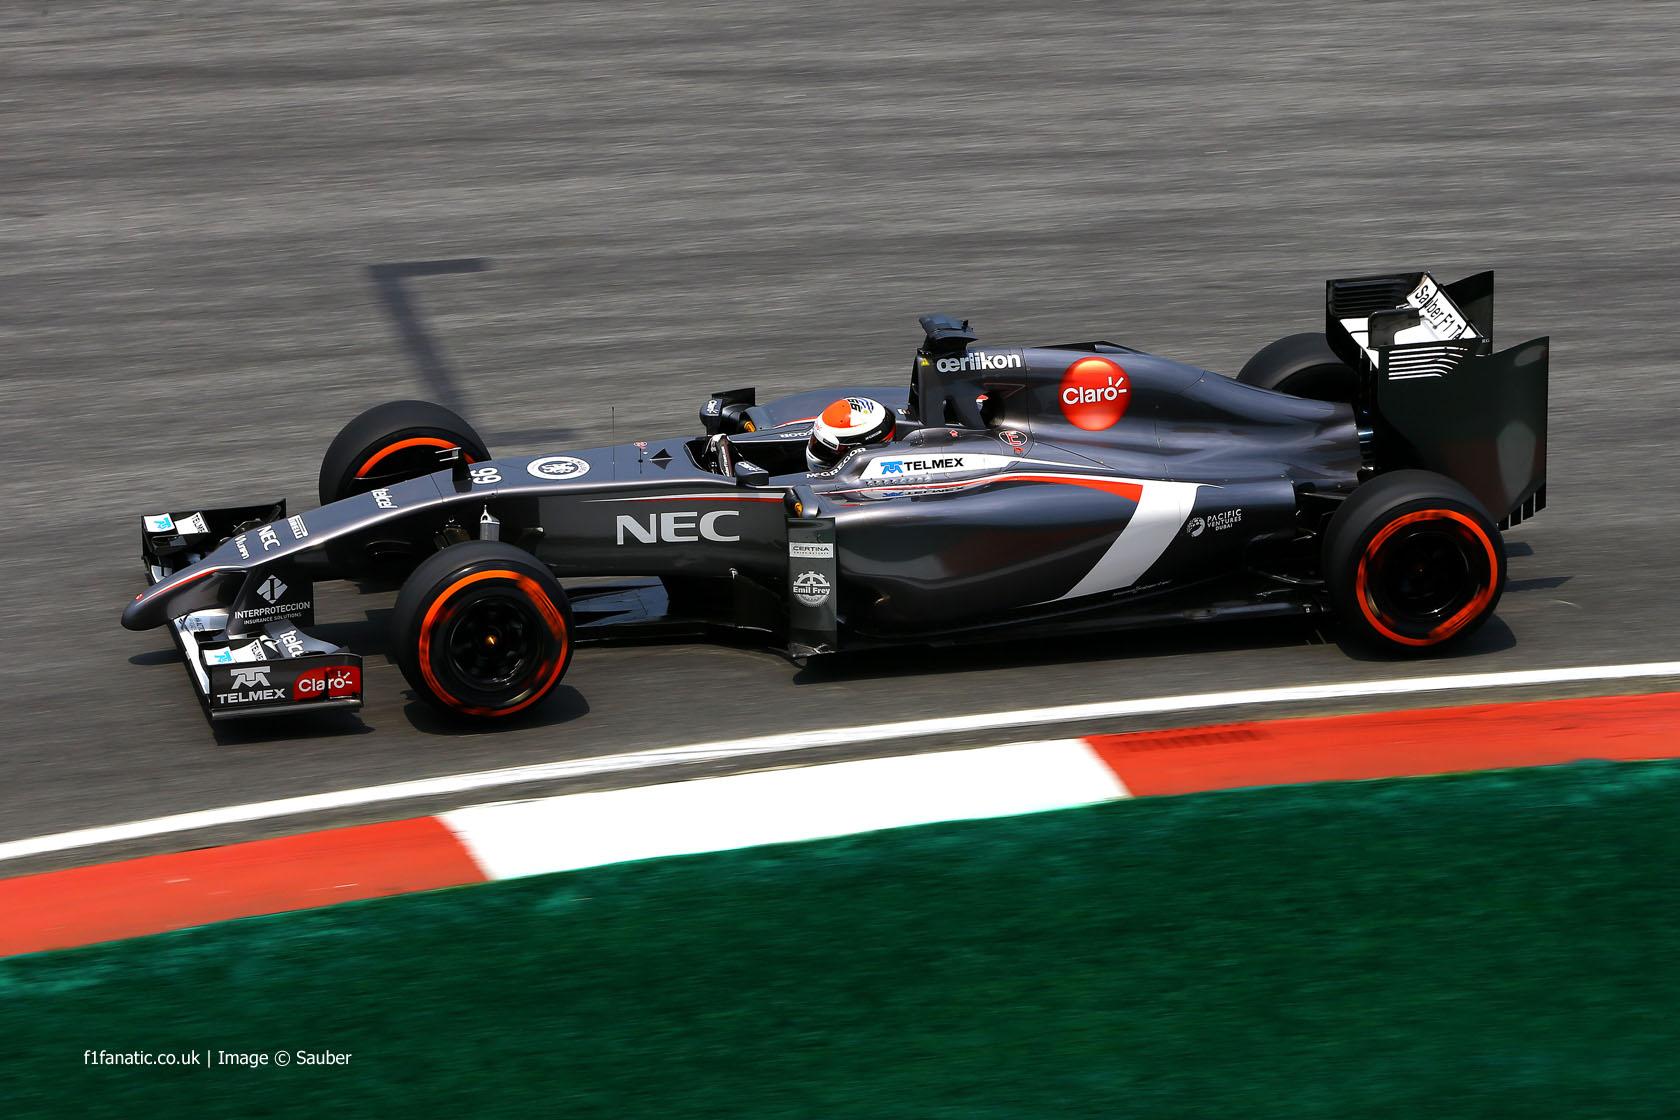 Adrian Sutil, Sauber, Sepang International Circuit, 2014